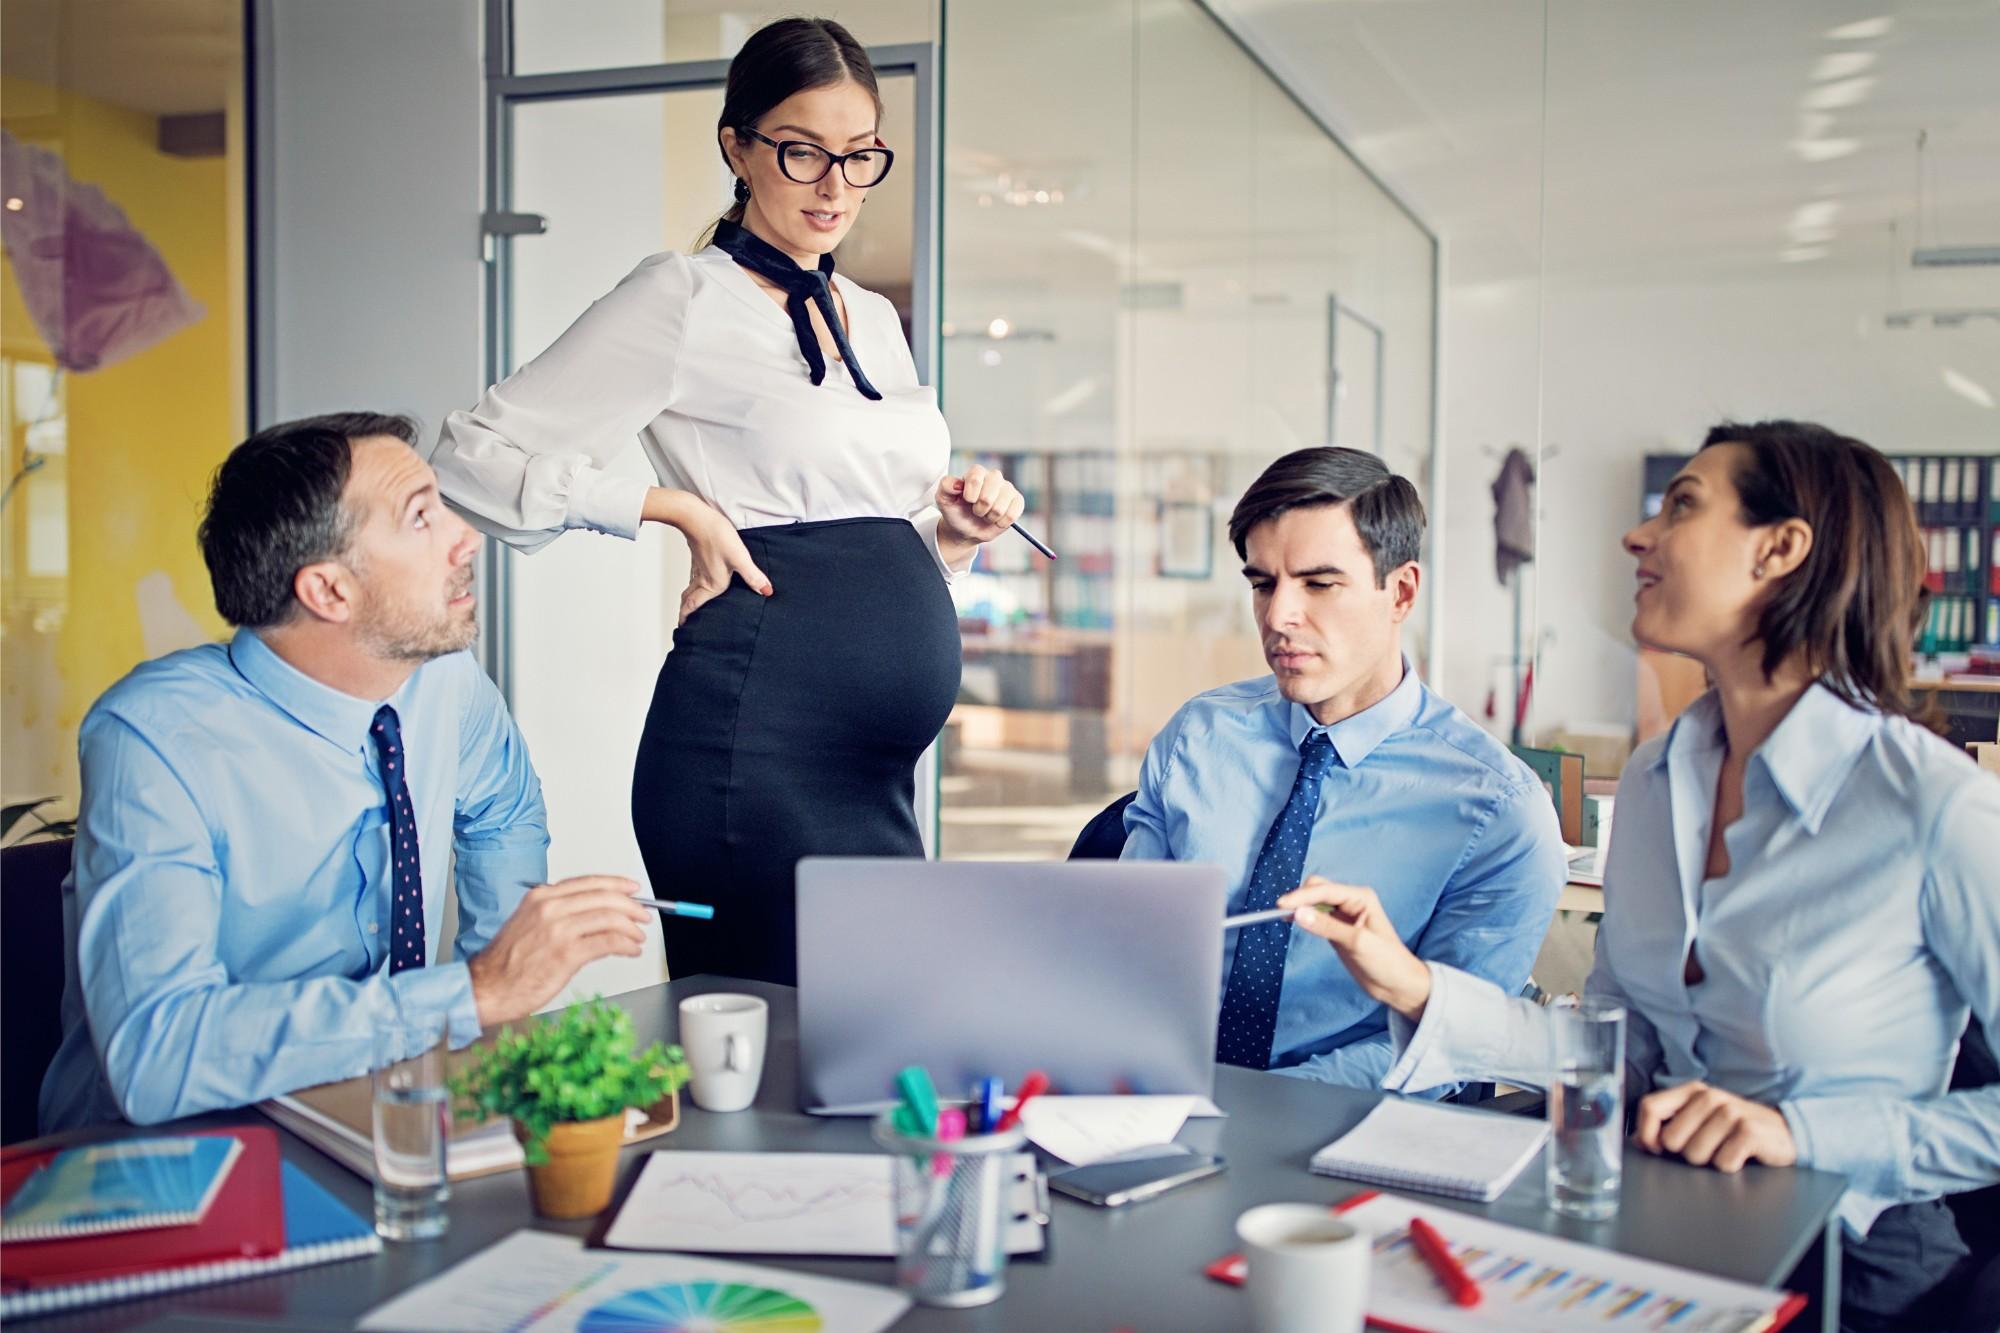 Lei trabalhista para gestante: direitos da gestante no trabalho